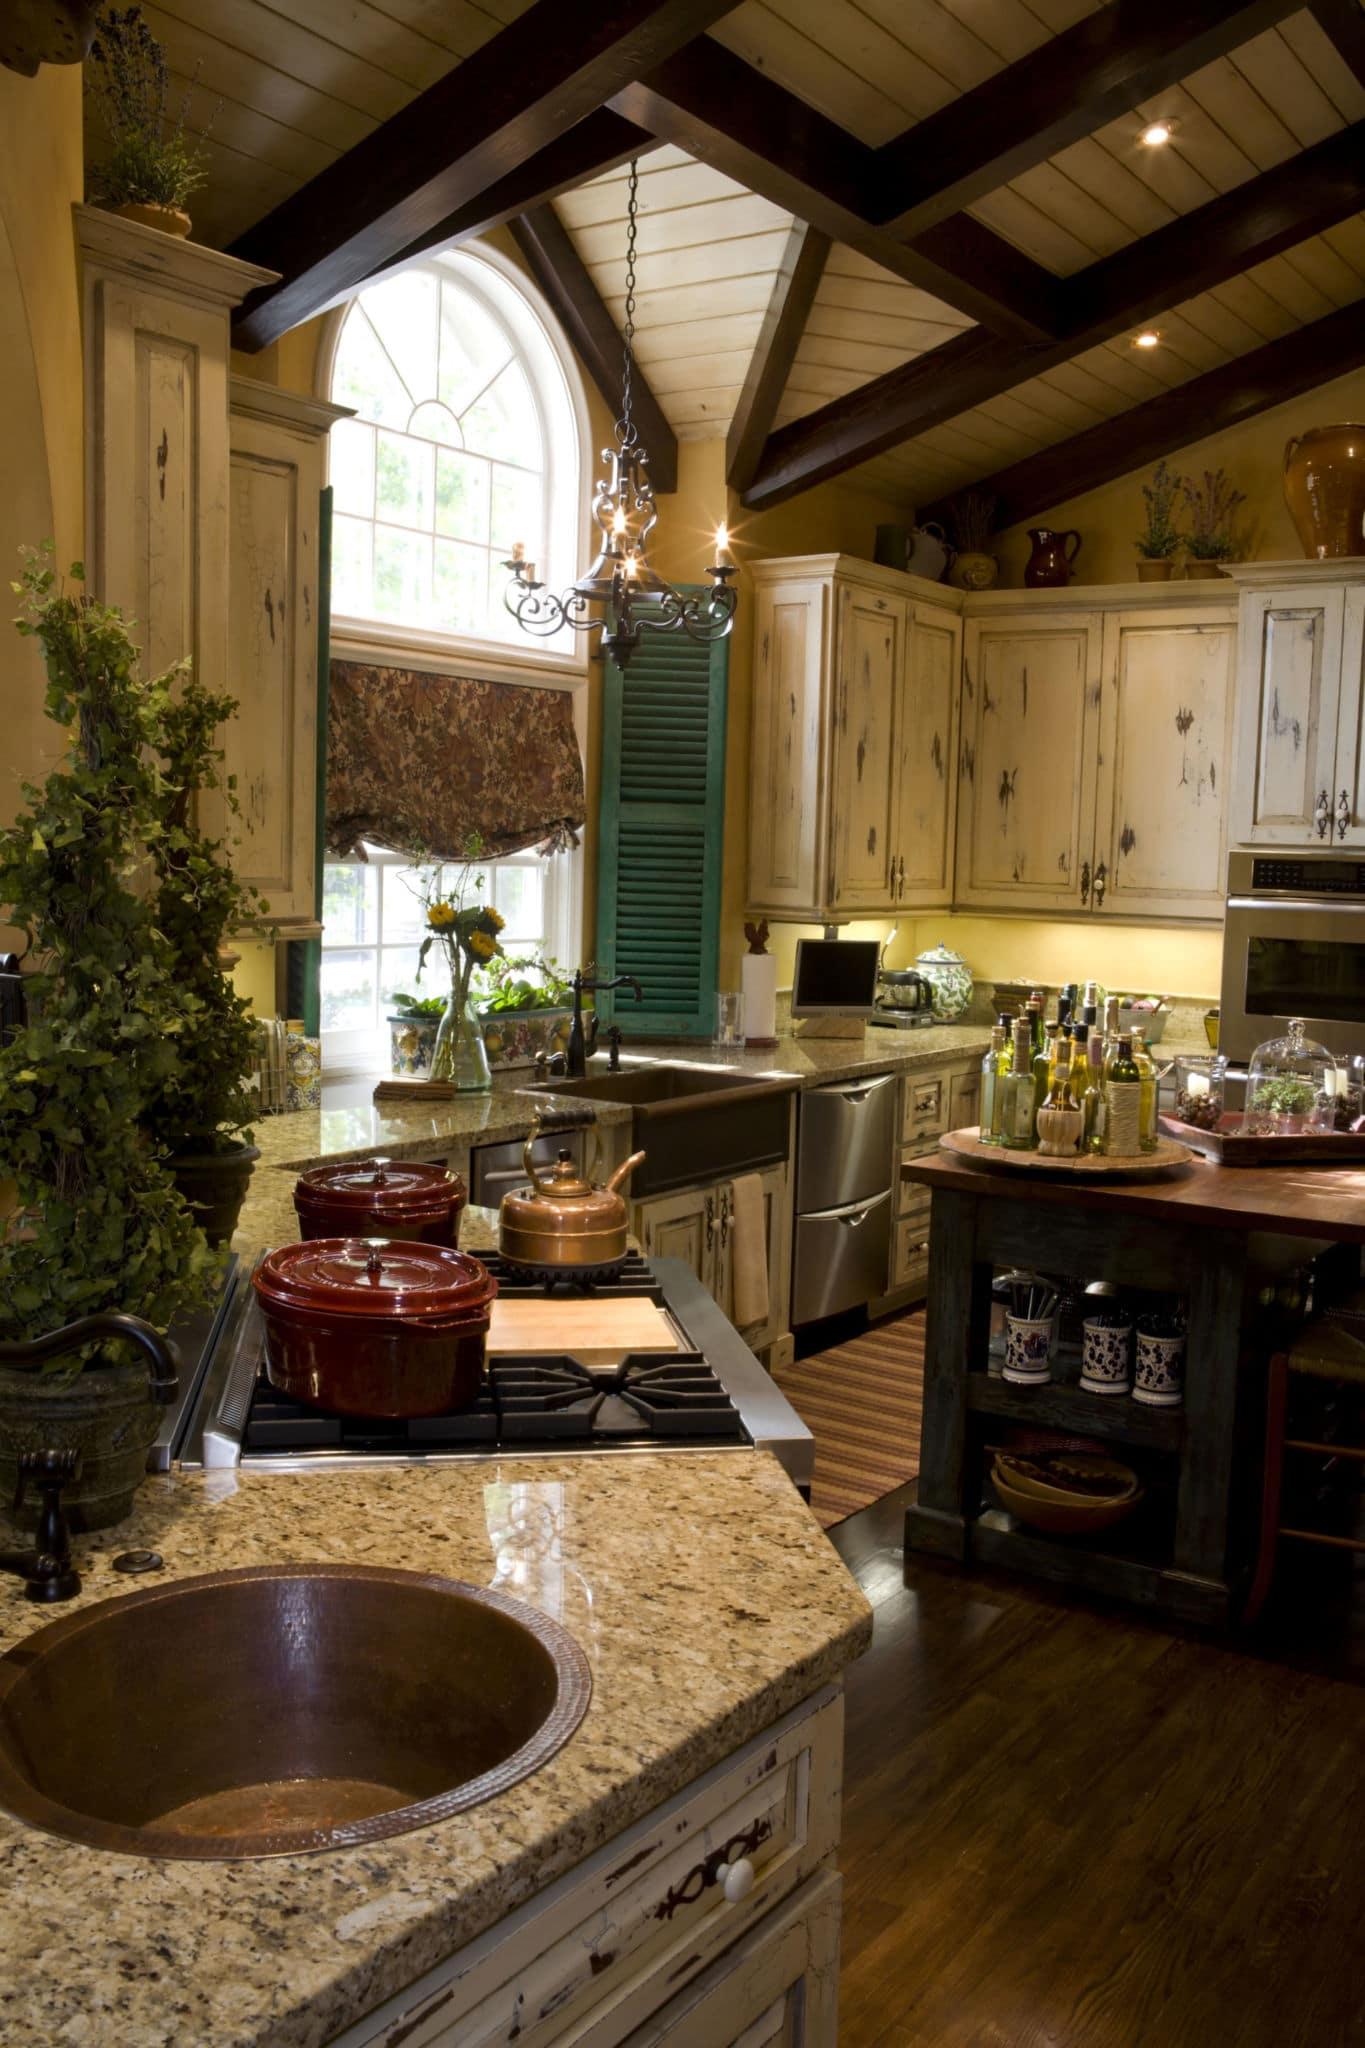 מטבח מעוצב עם שיש ועץ דגם עץ הלימון